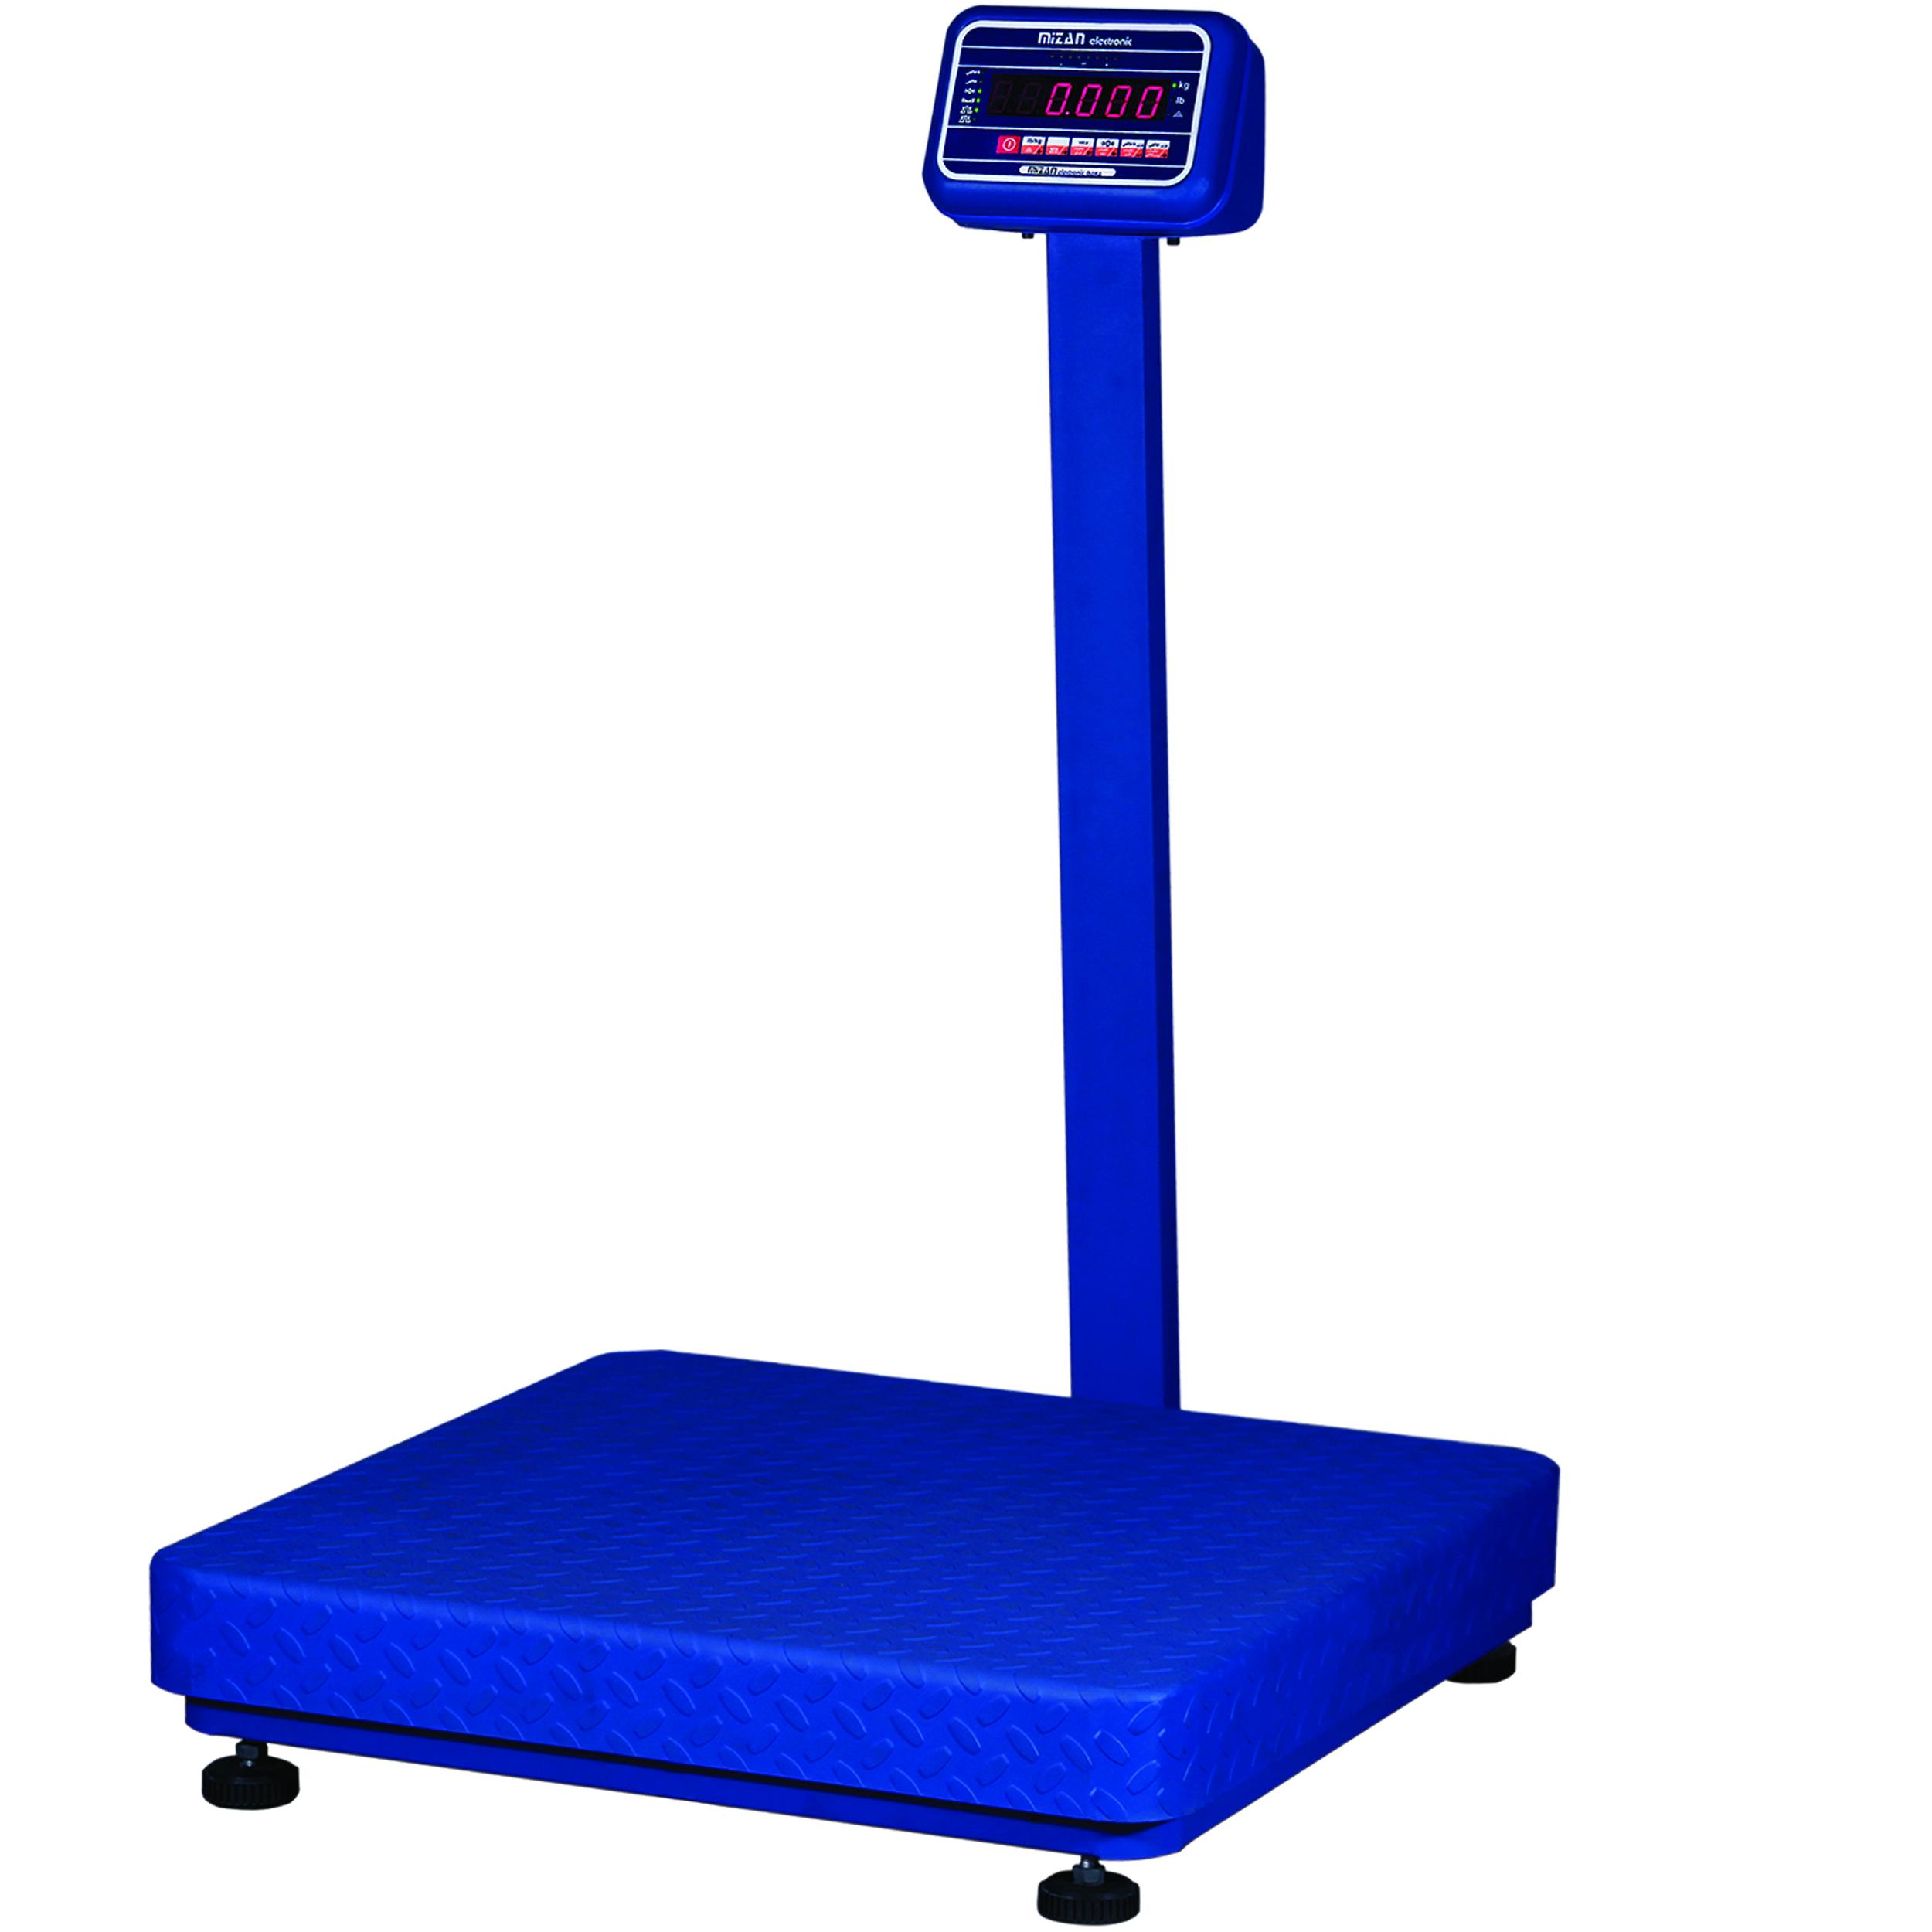 باسکول دیجیتال میزان الکترونیک دها 750Kg مدل ME1088